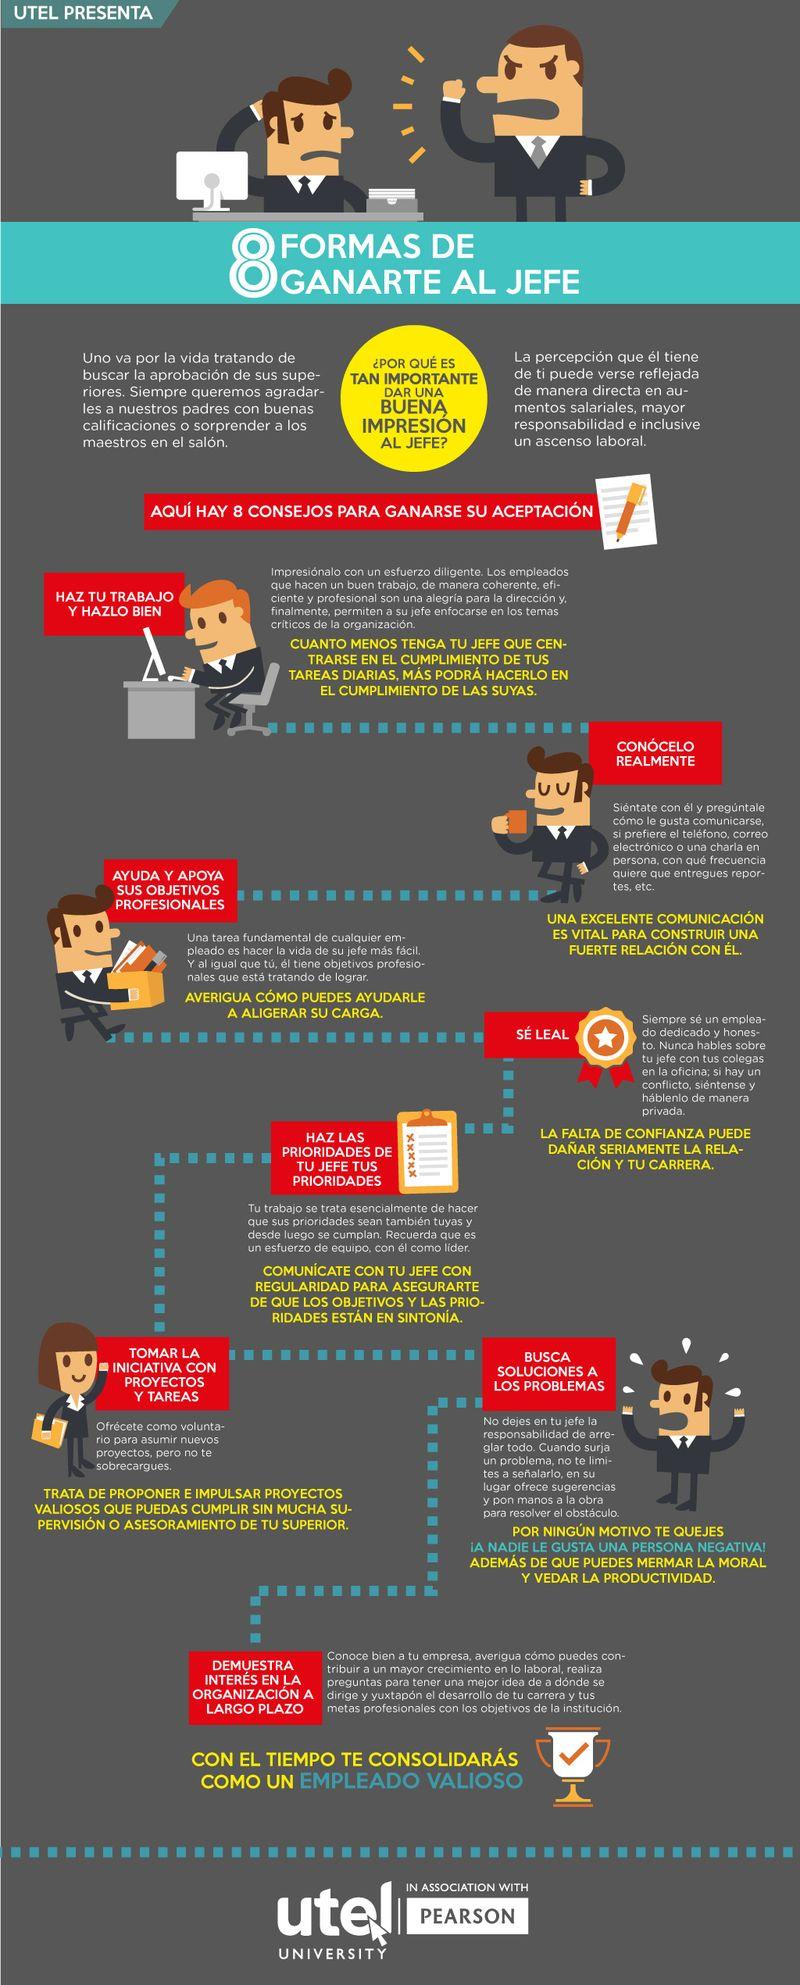 8 maneras de ganarte al Jefe Infografía 8 maneras de ganarte al Jefe que puedes aprovechar